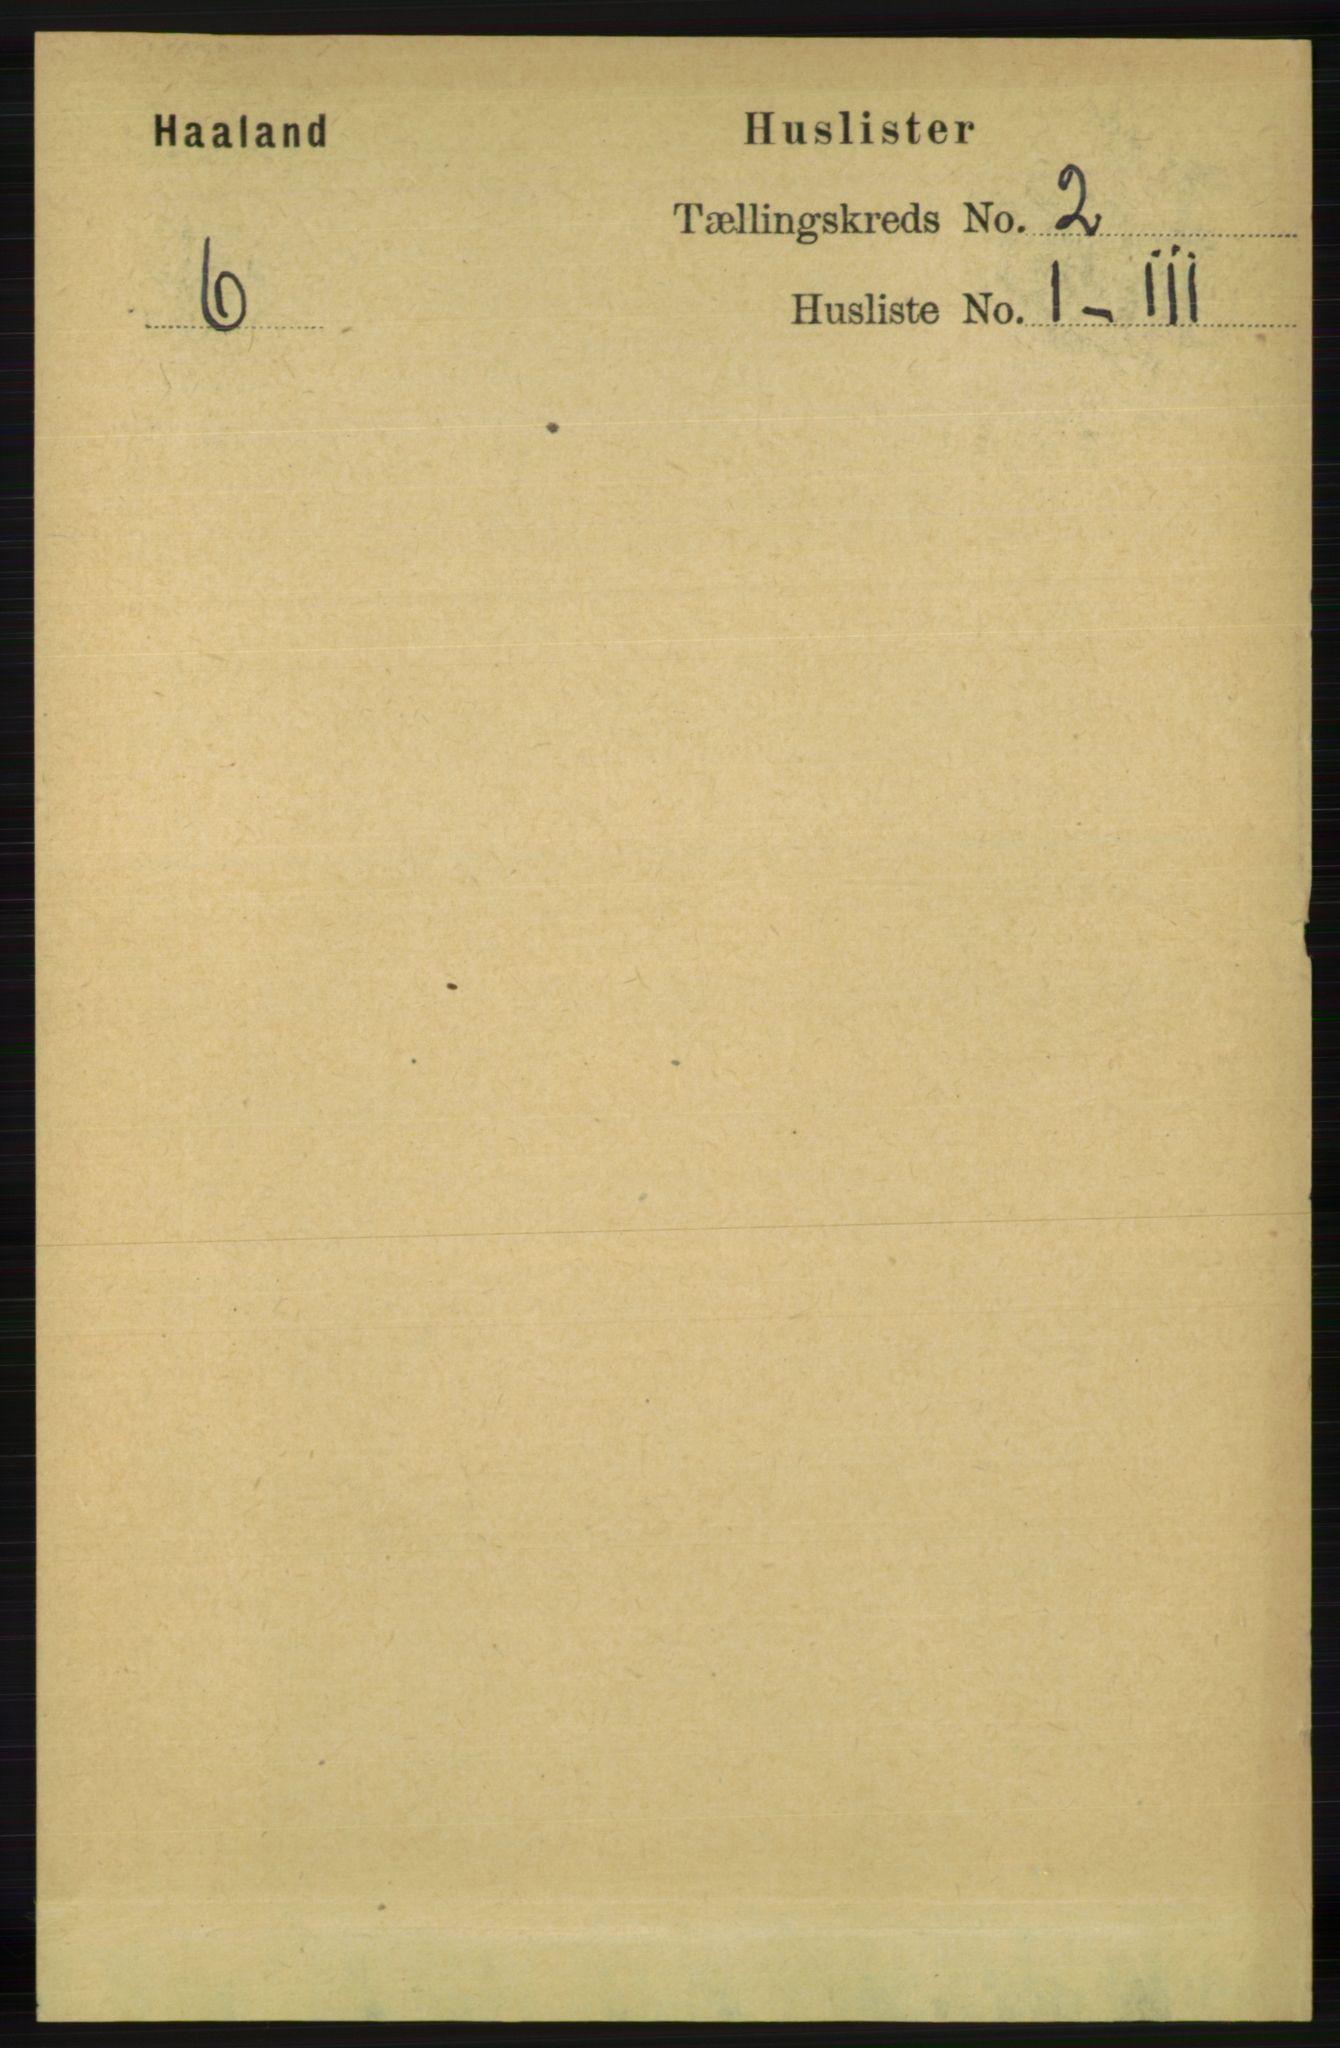 RA, Folketelling 1891 for 1124 Haaland herred, 1891, s. 863